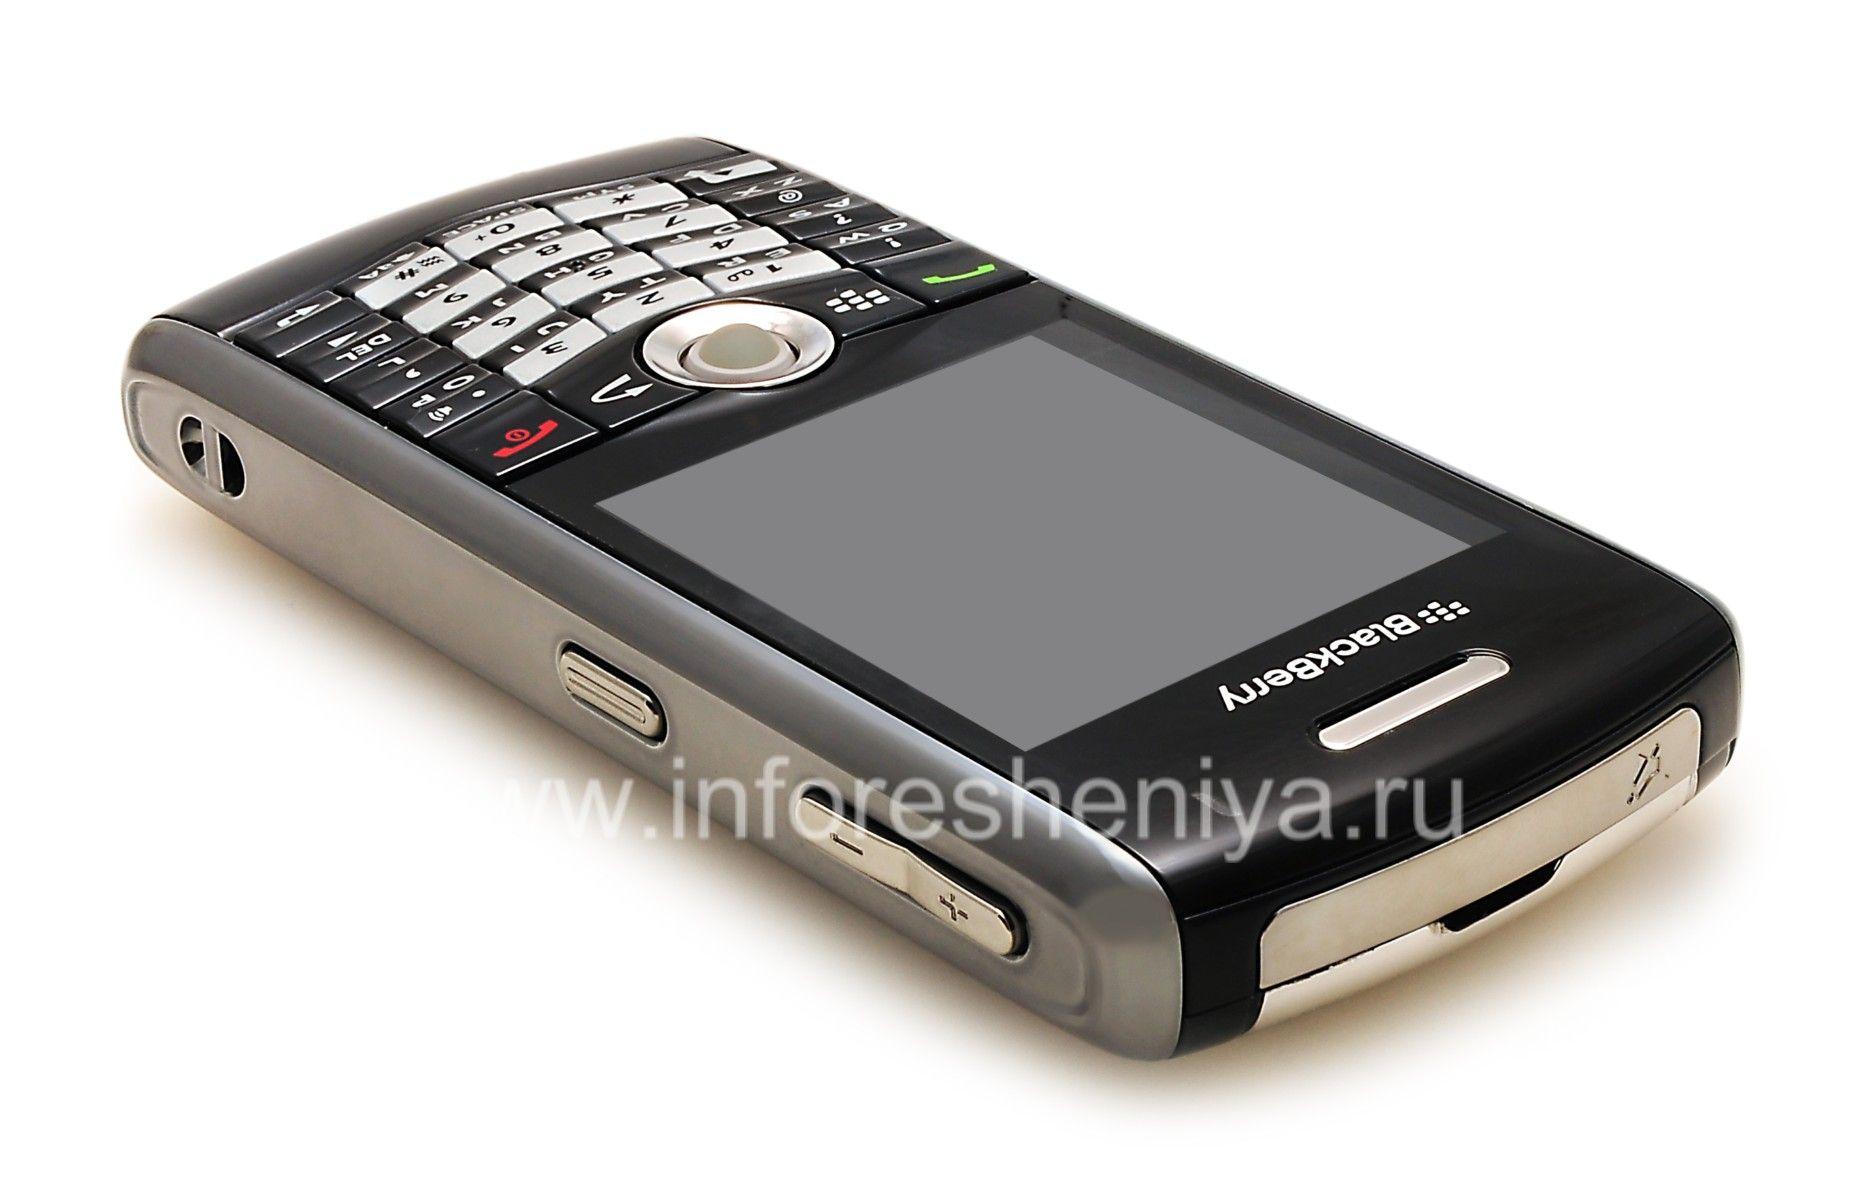 Comprar tel fono inteligente blackberry 8110 pearl negro for Telefono bb